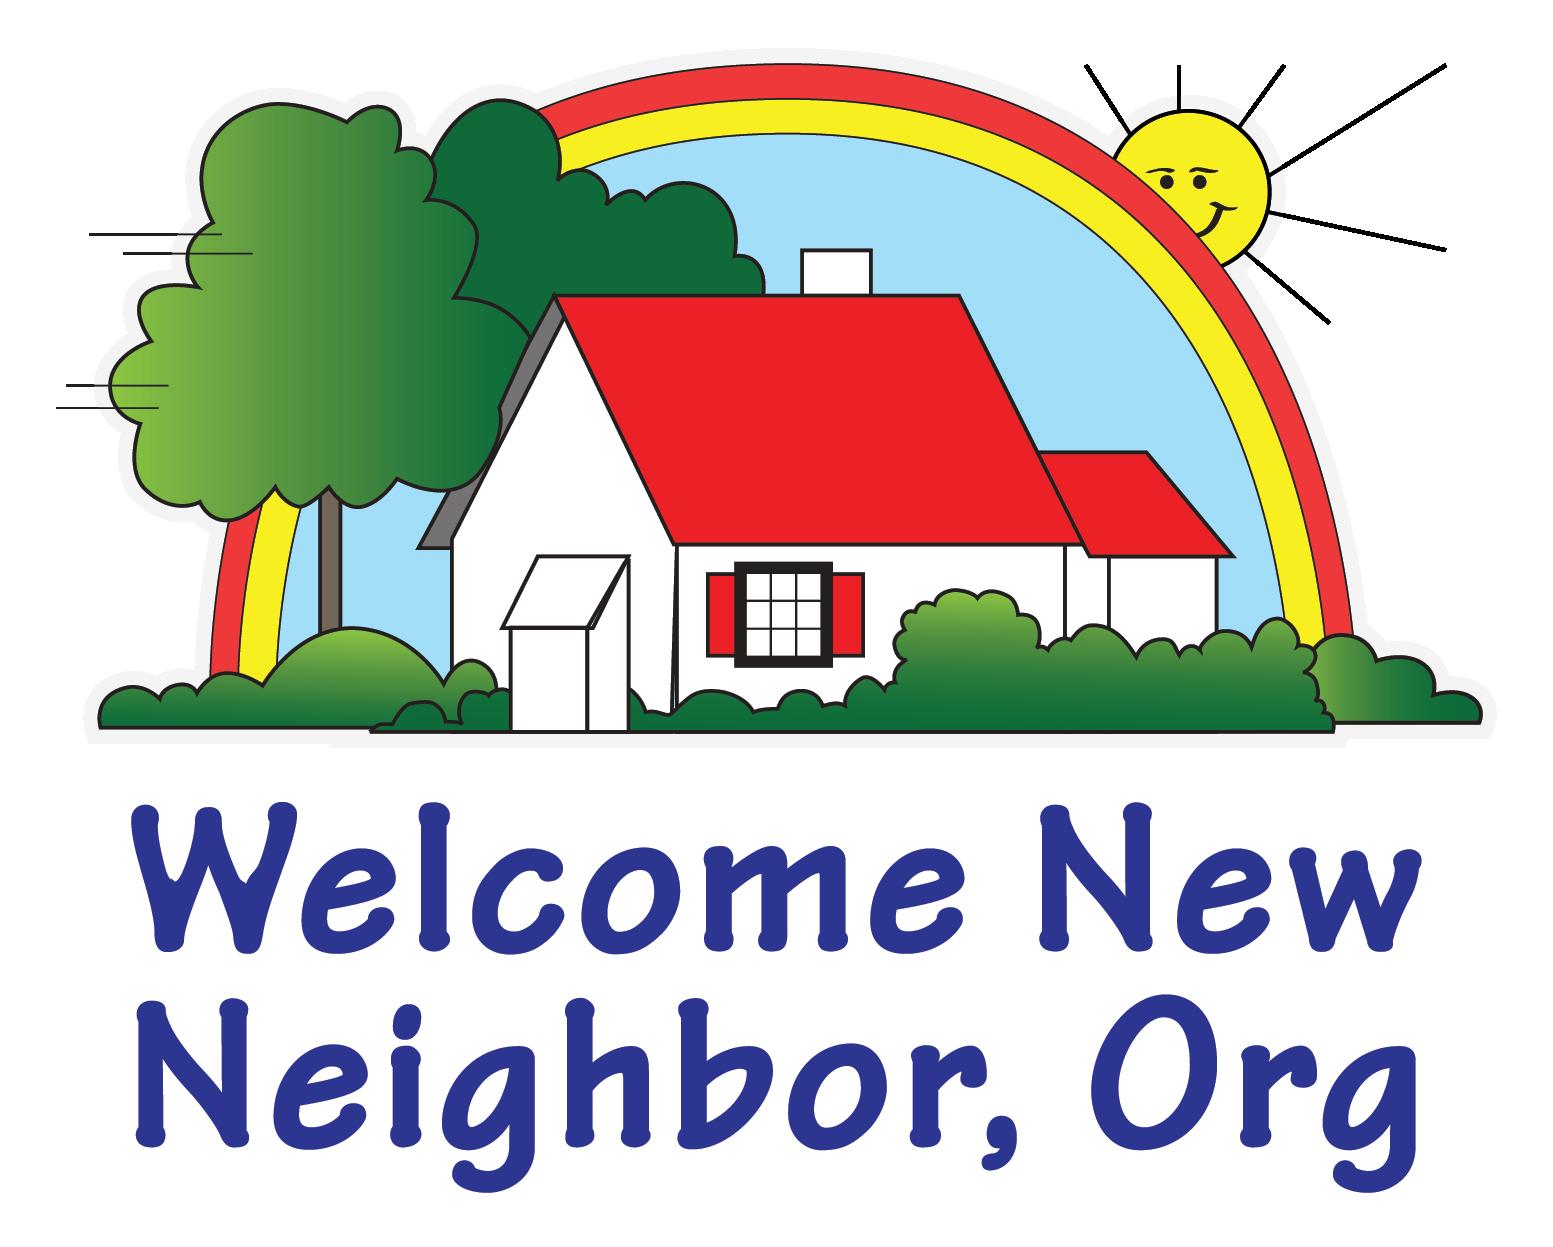 Neighbors clipart new home, Neighbors new home Transparent.